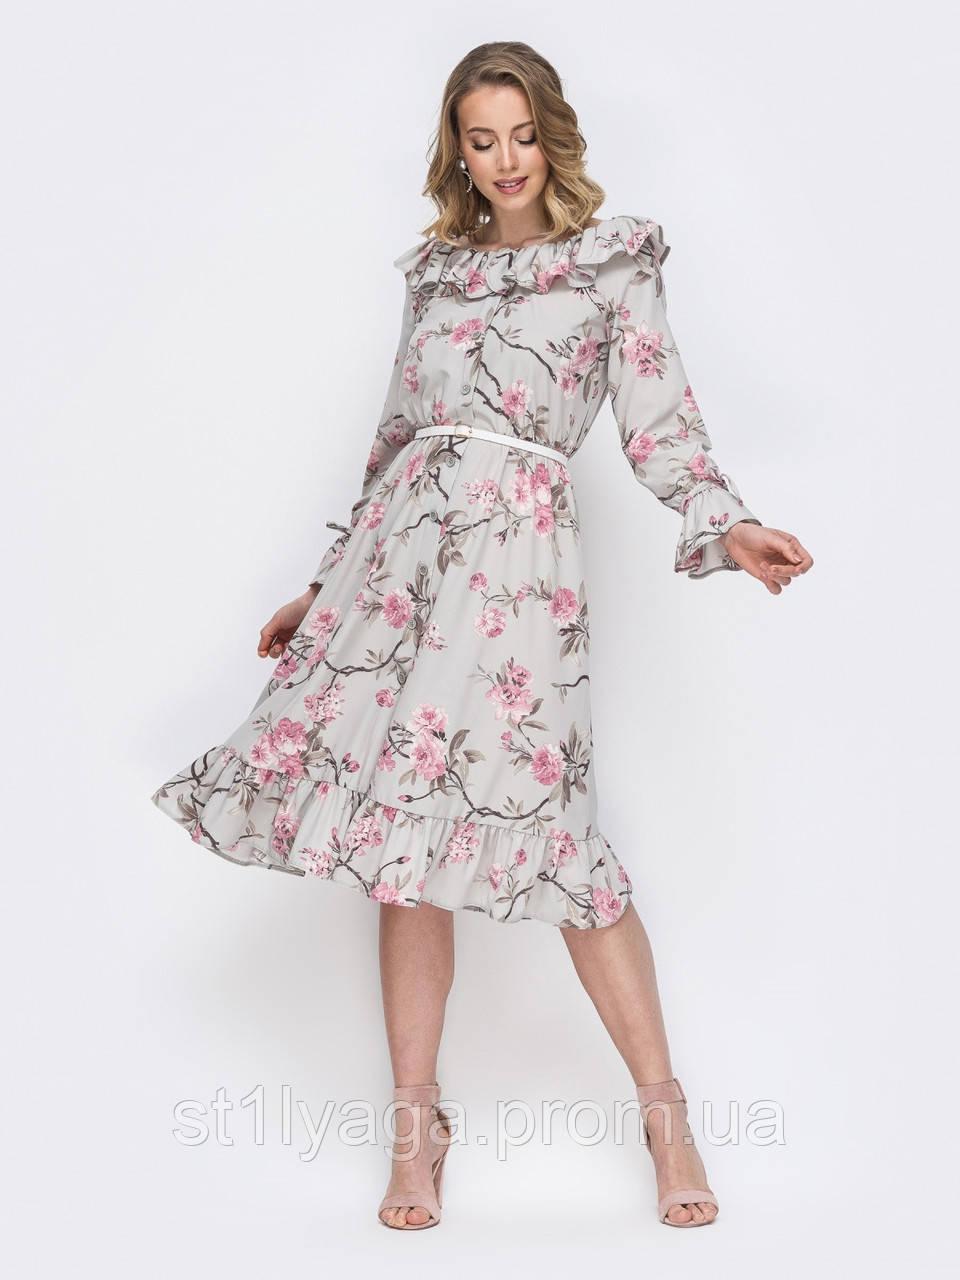 Платье с оборками в нежном цветочном принте